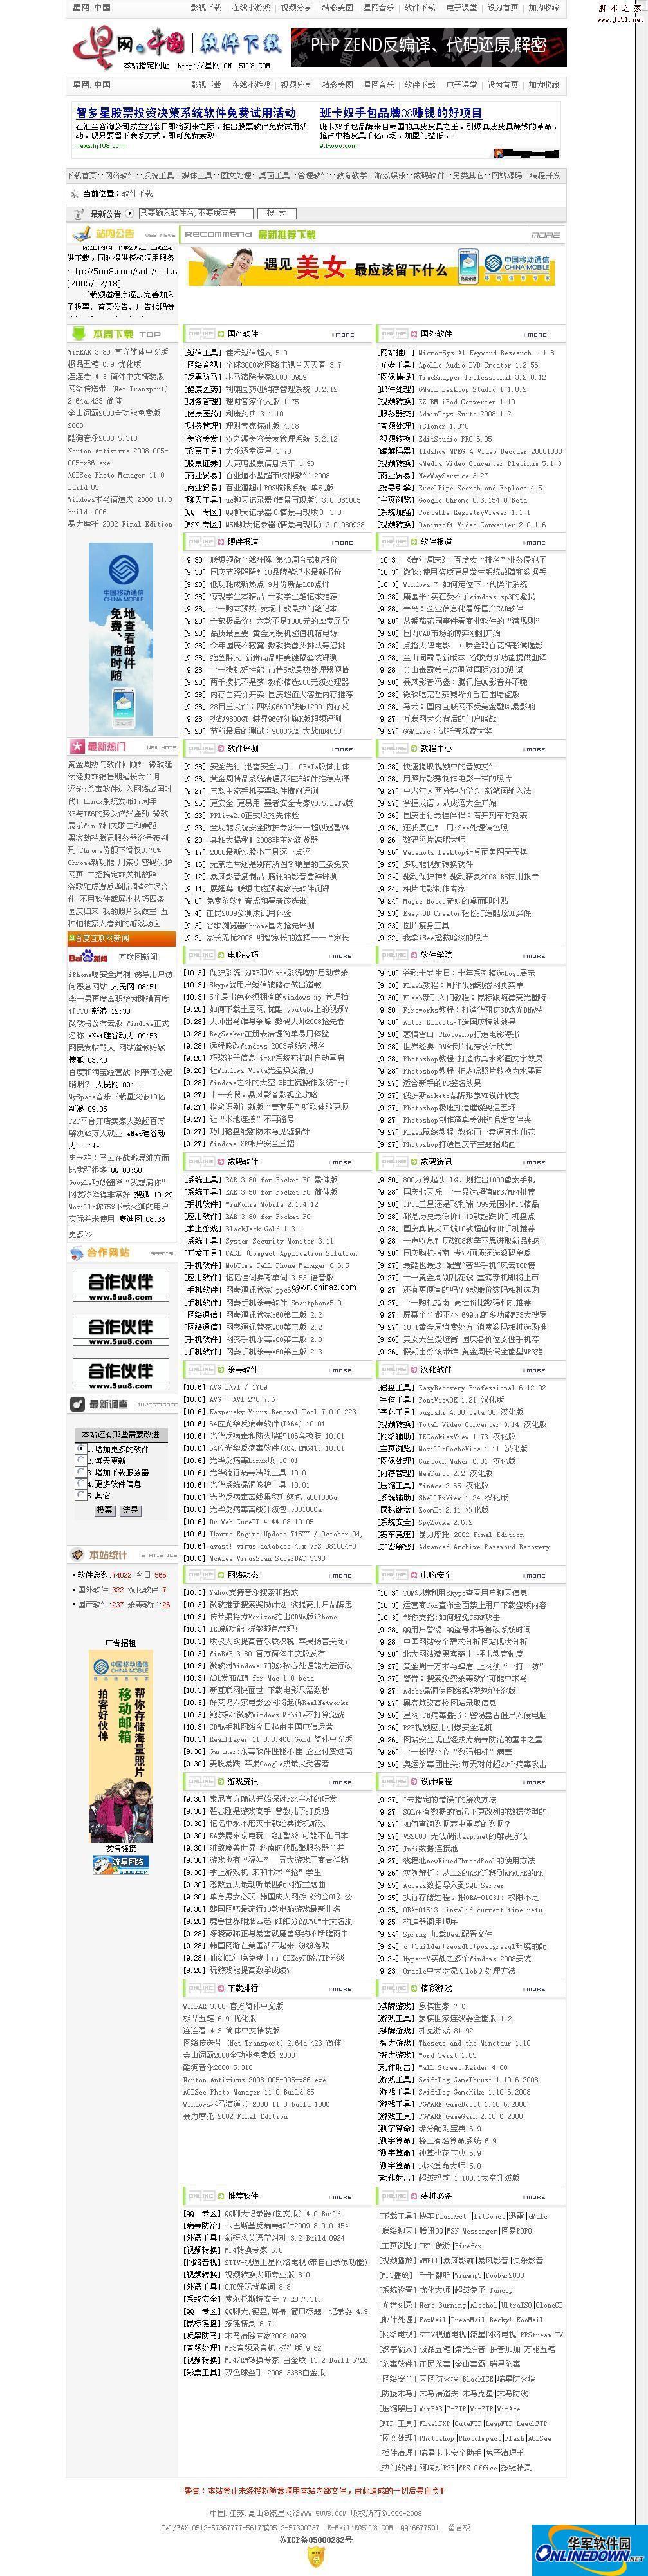 华军软件下载系统(php+zend) PC版